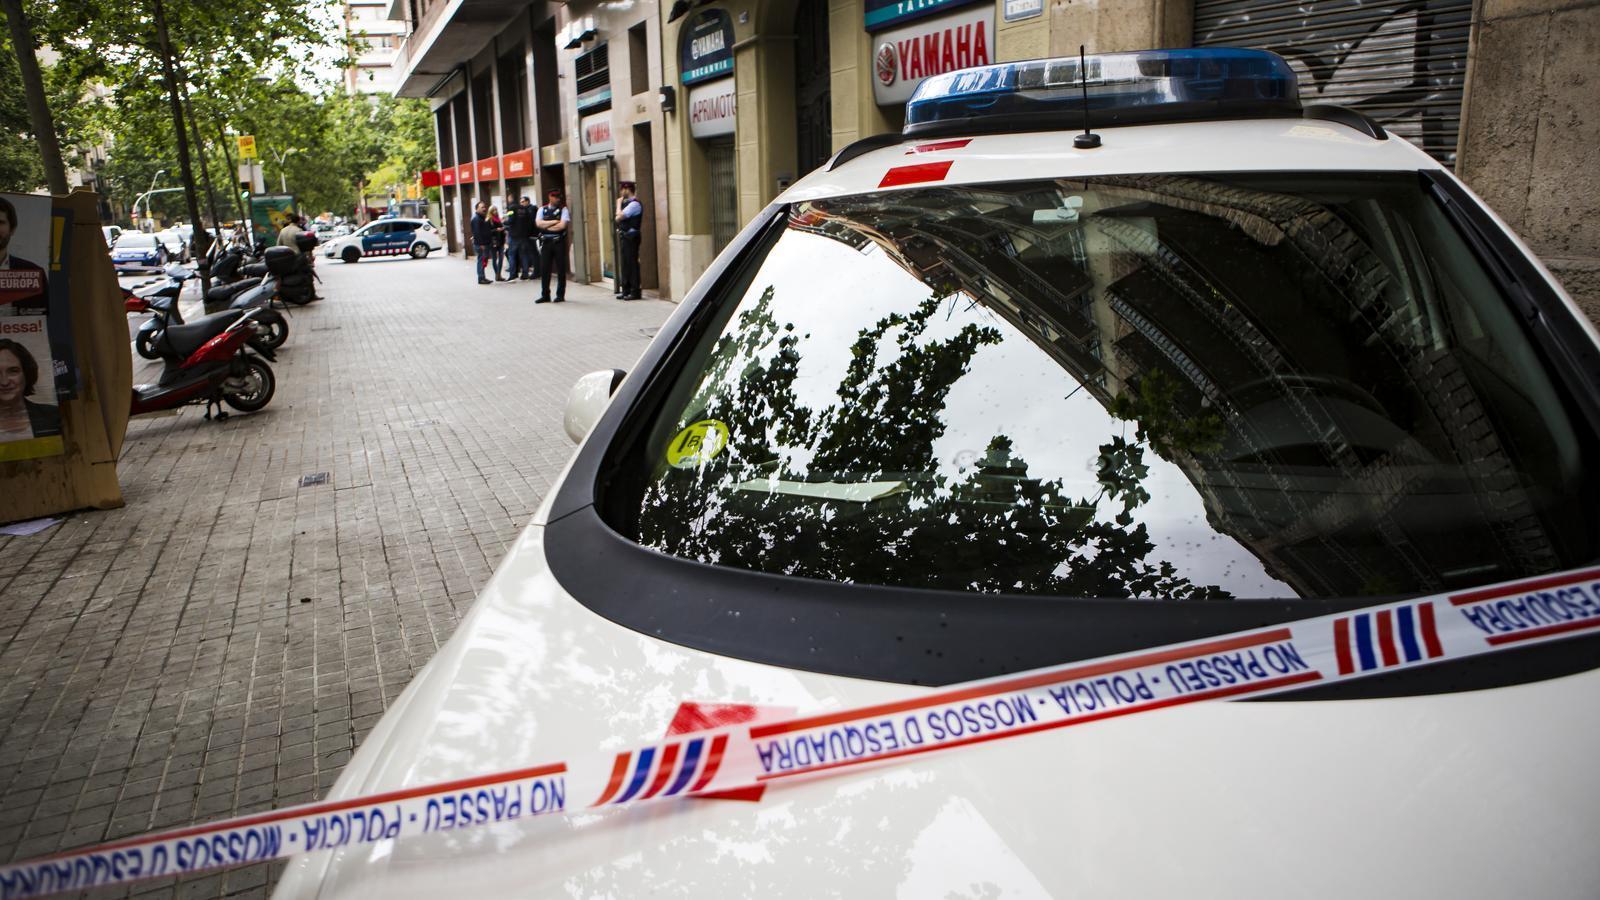 Tres atracadors assalten un supermercat a Barcelona i dos fugen amb una ostatge